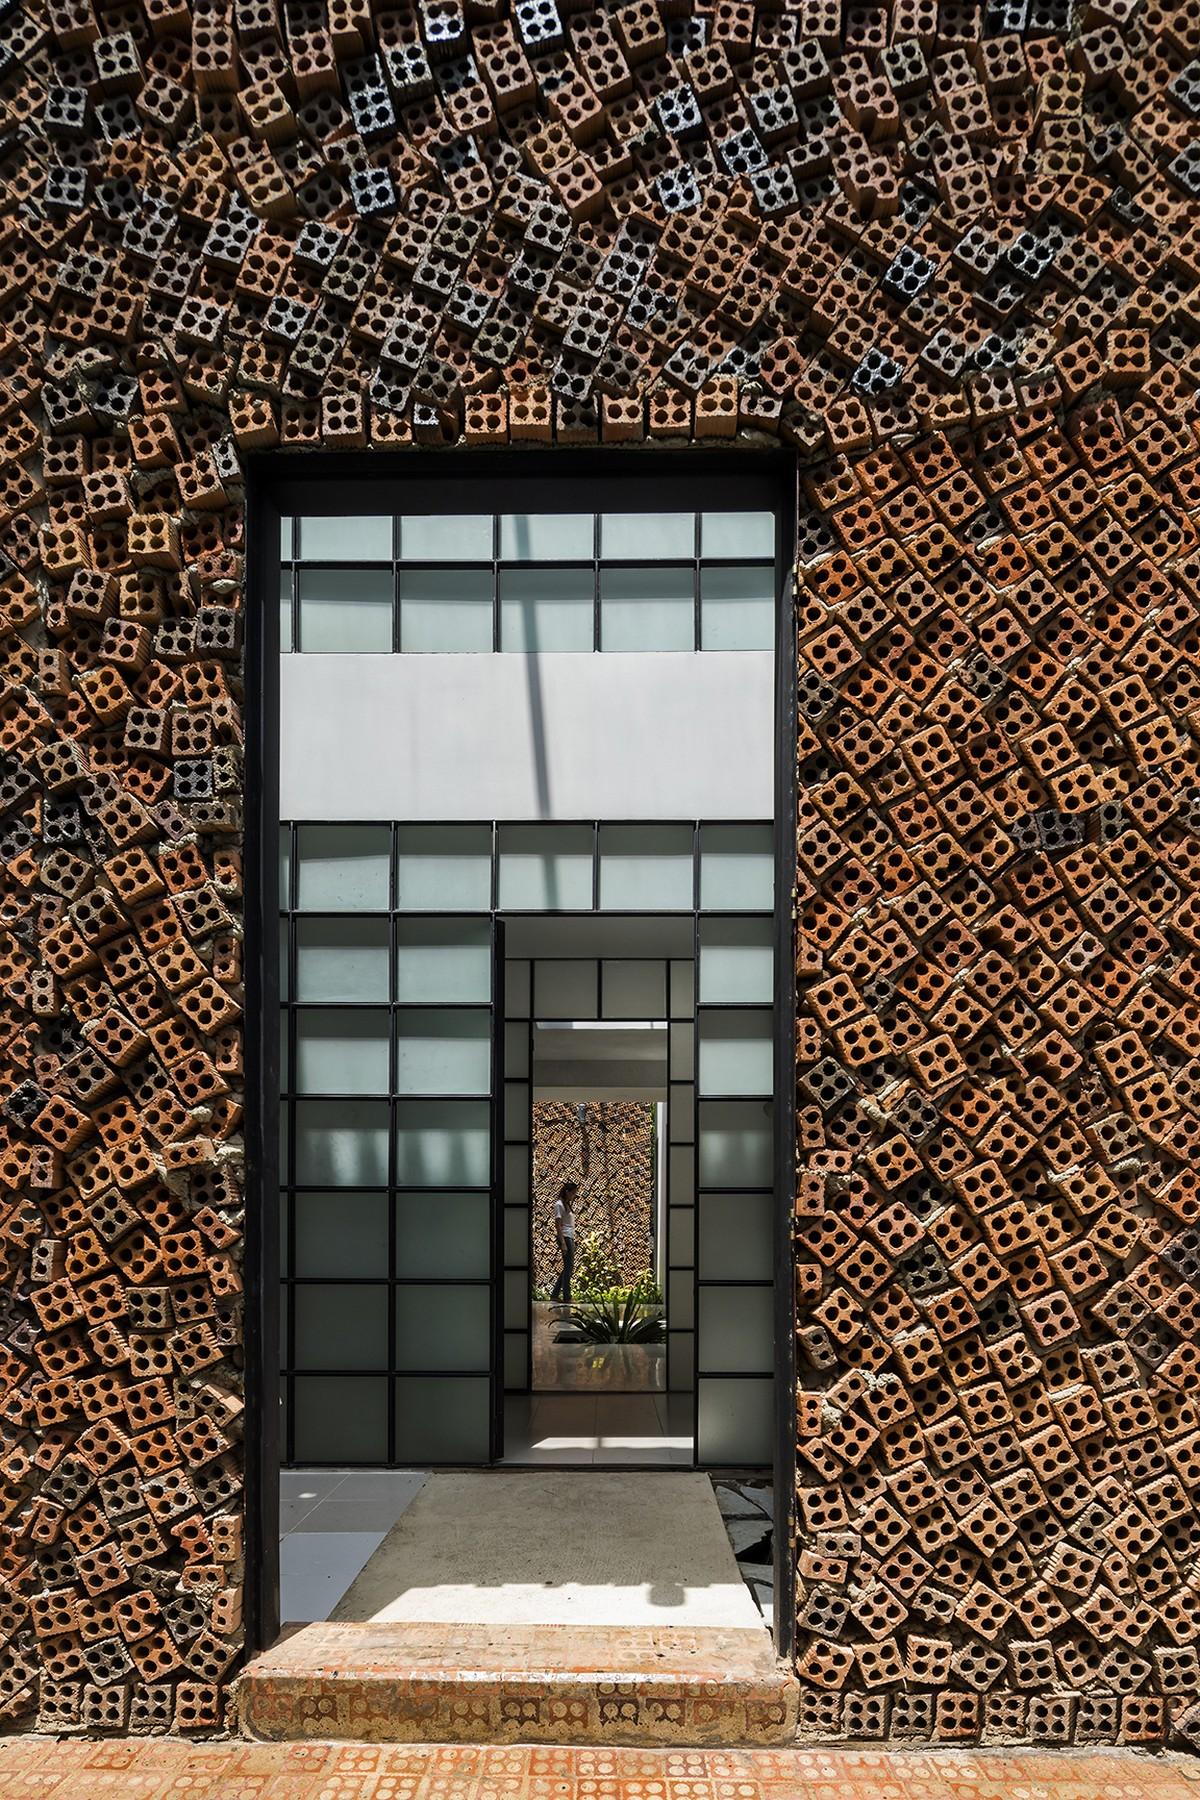 Двухэтажный дом с дышащими кирпичными стенами во Вьетнаме